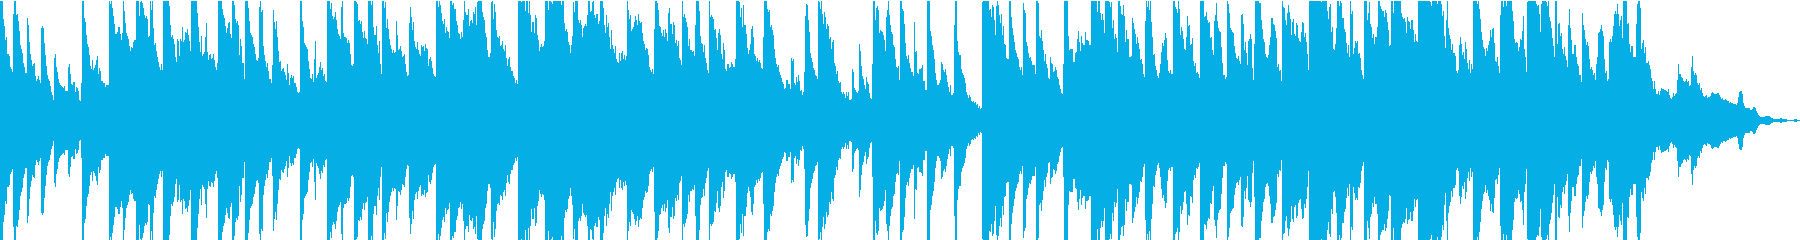 学校の裏山っぽい音楽の再生済みの波形